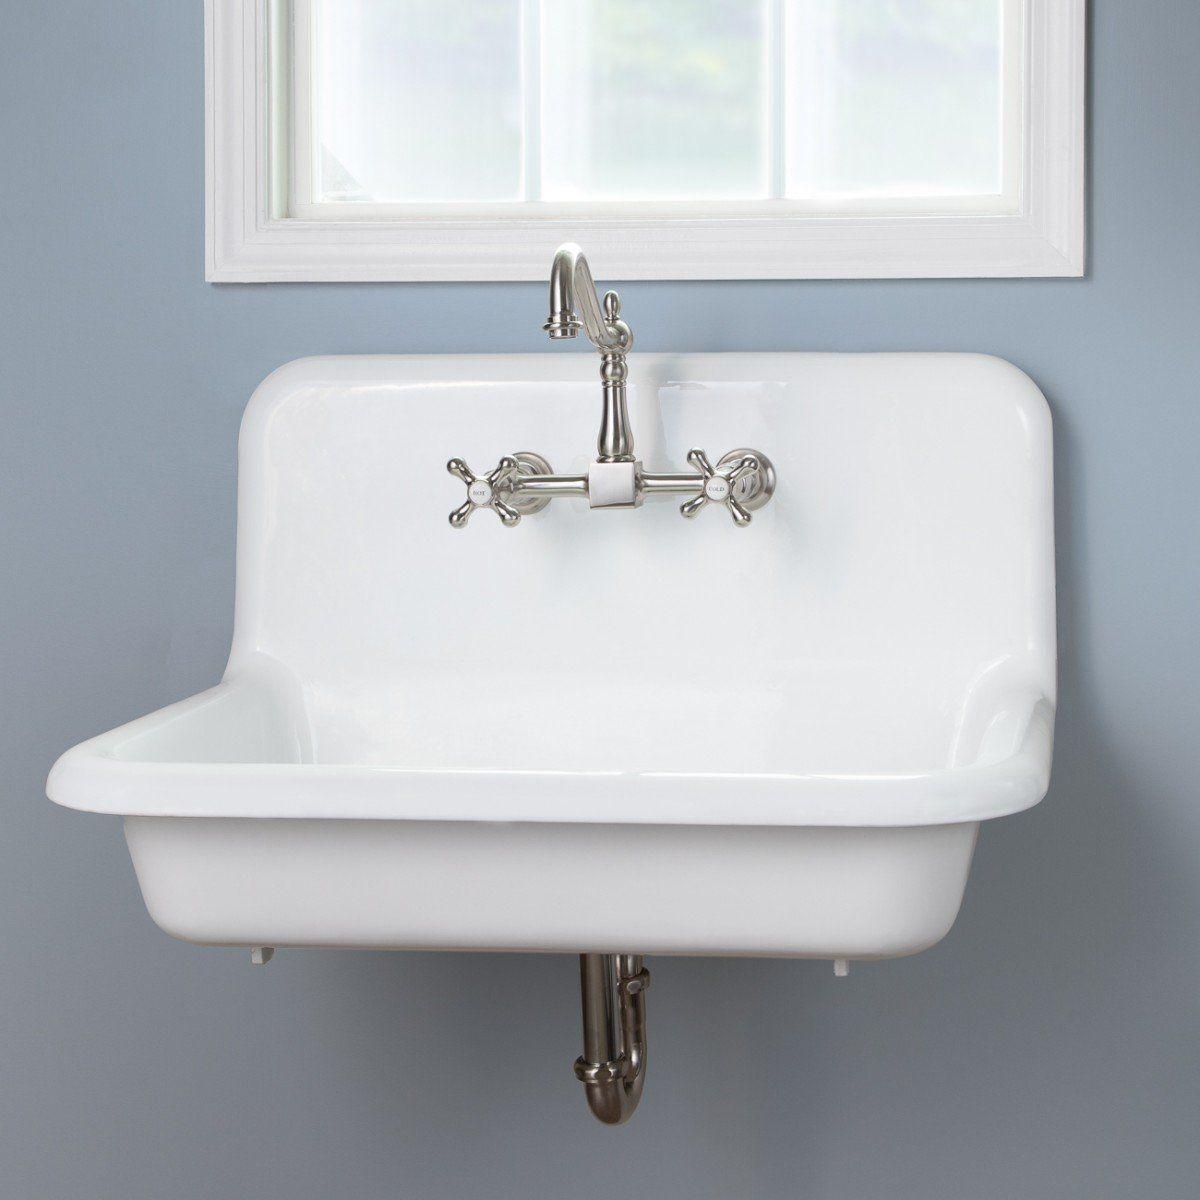 30 inch cast iron high back farm sink | vintage bathroom